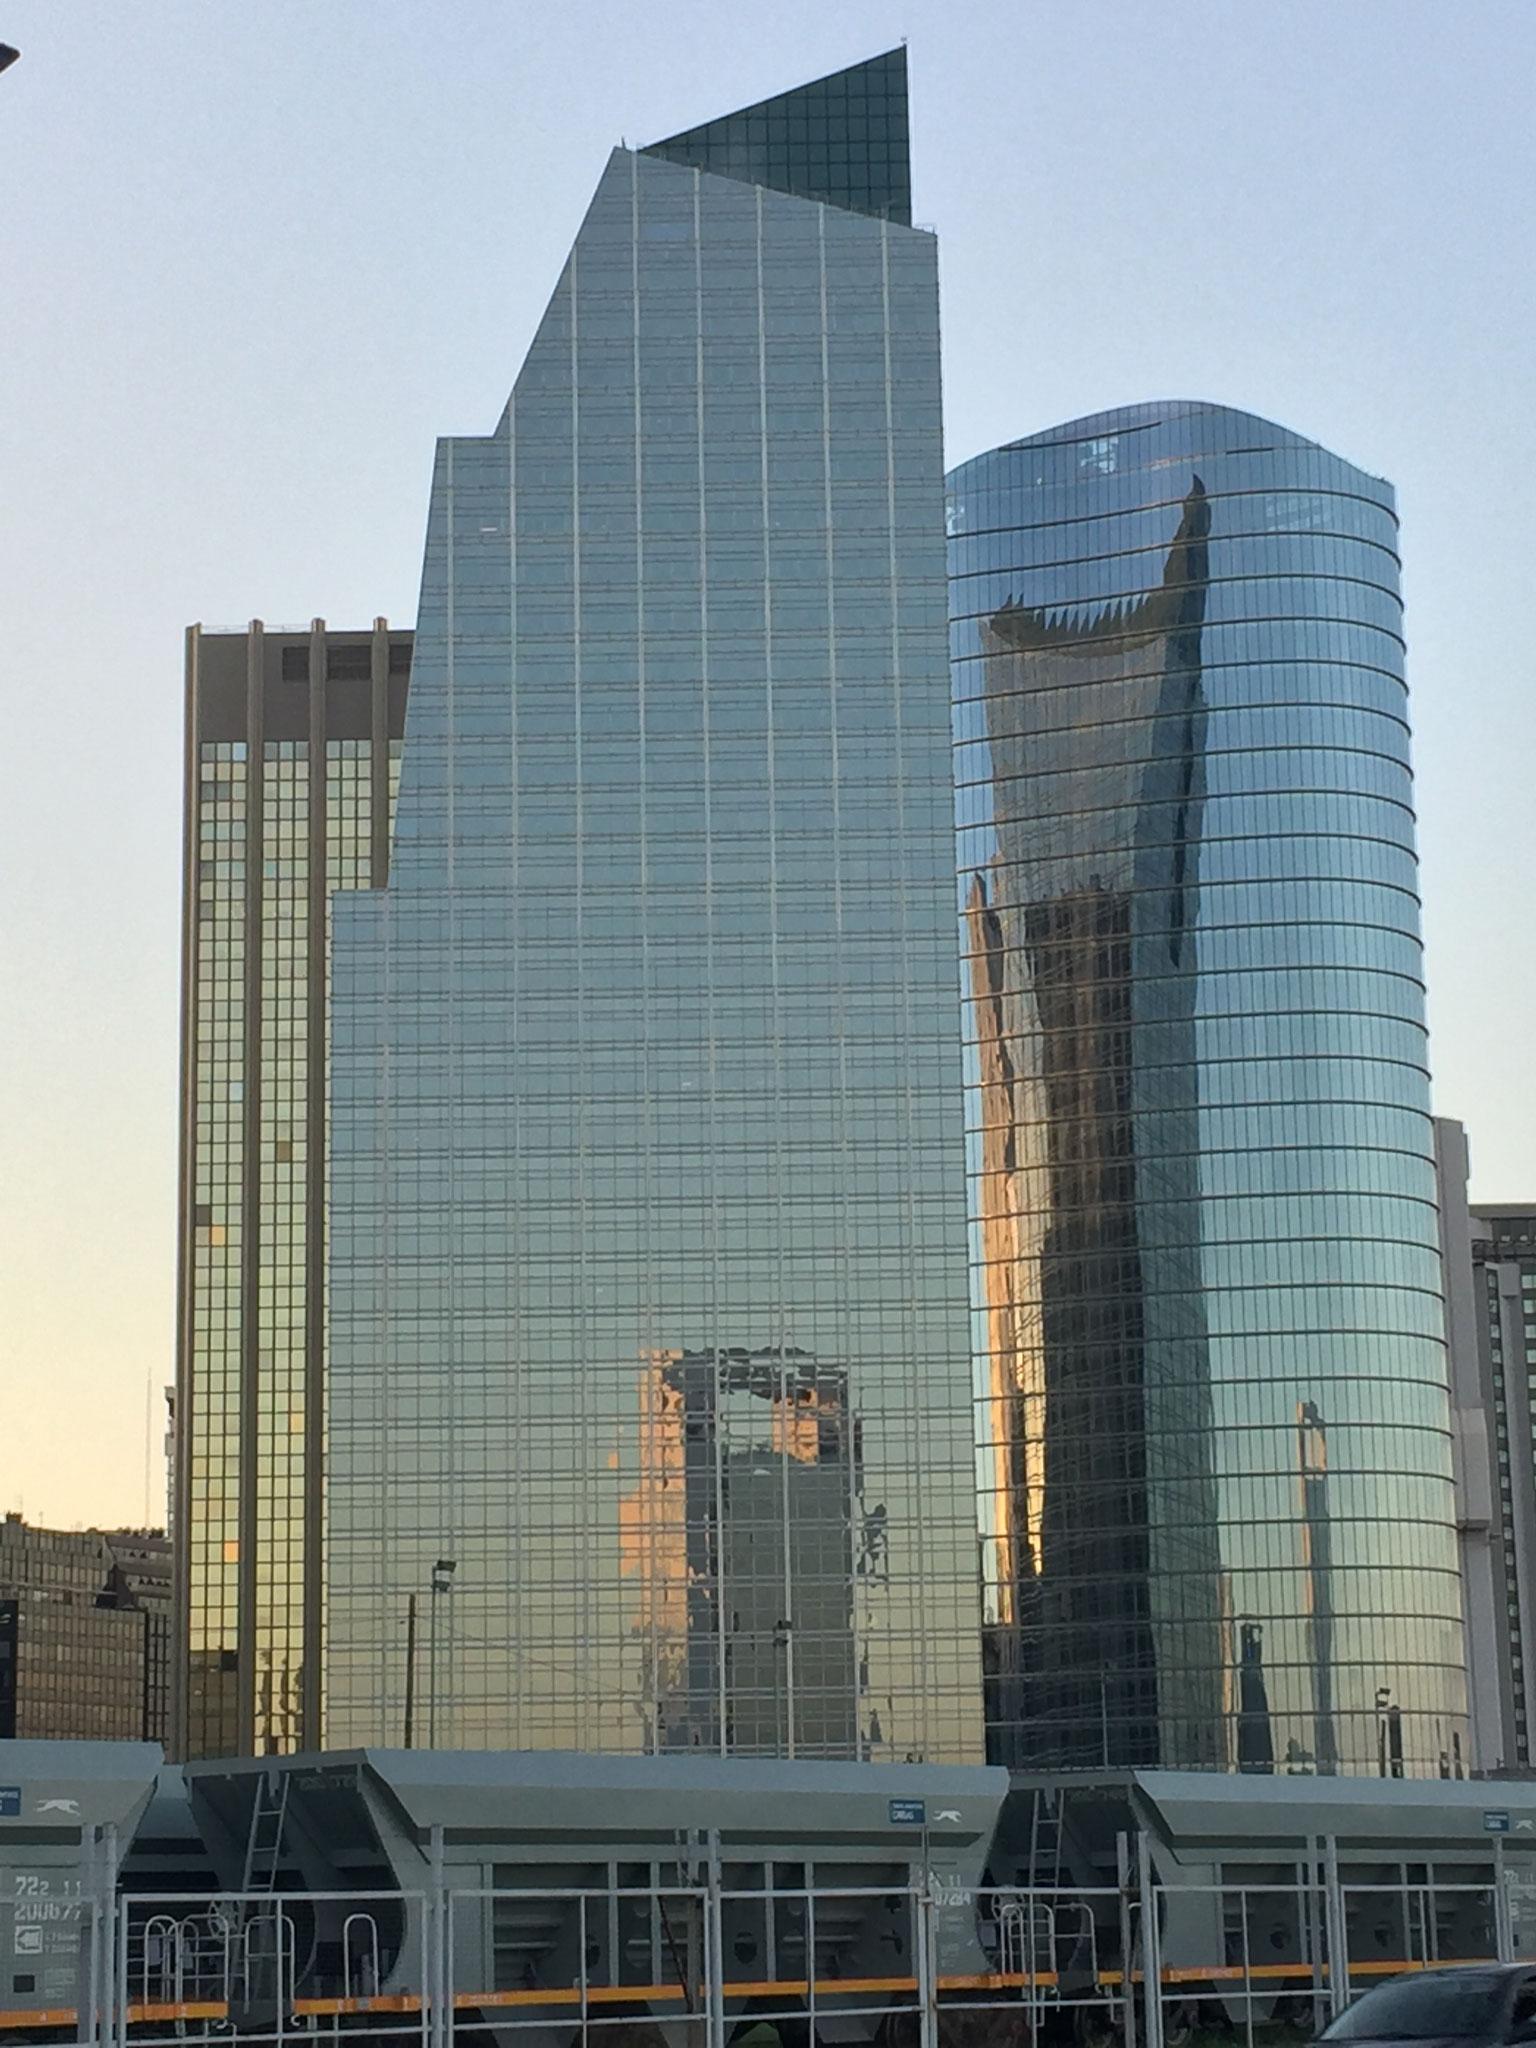 Wolkenkratzer im Abendlicht vom Stellplatz aus